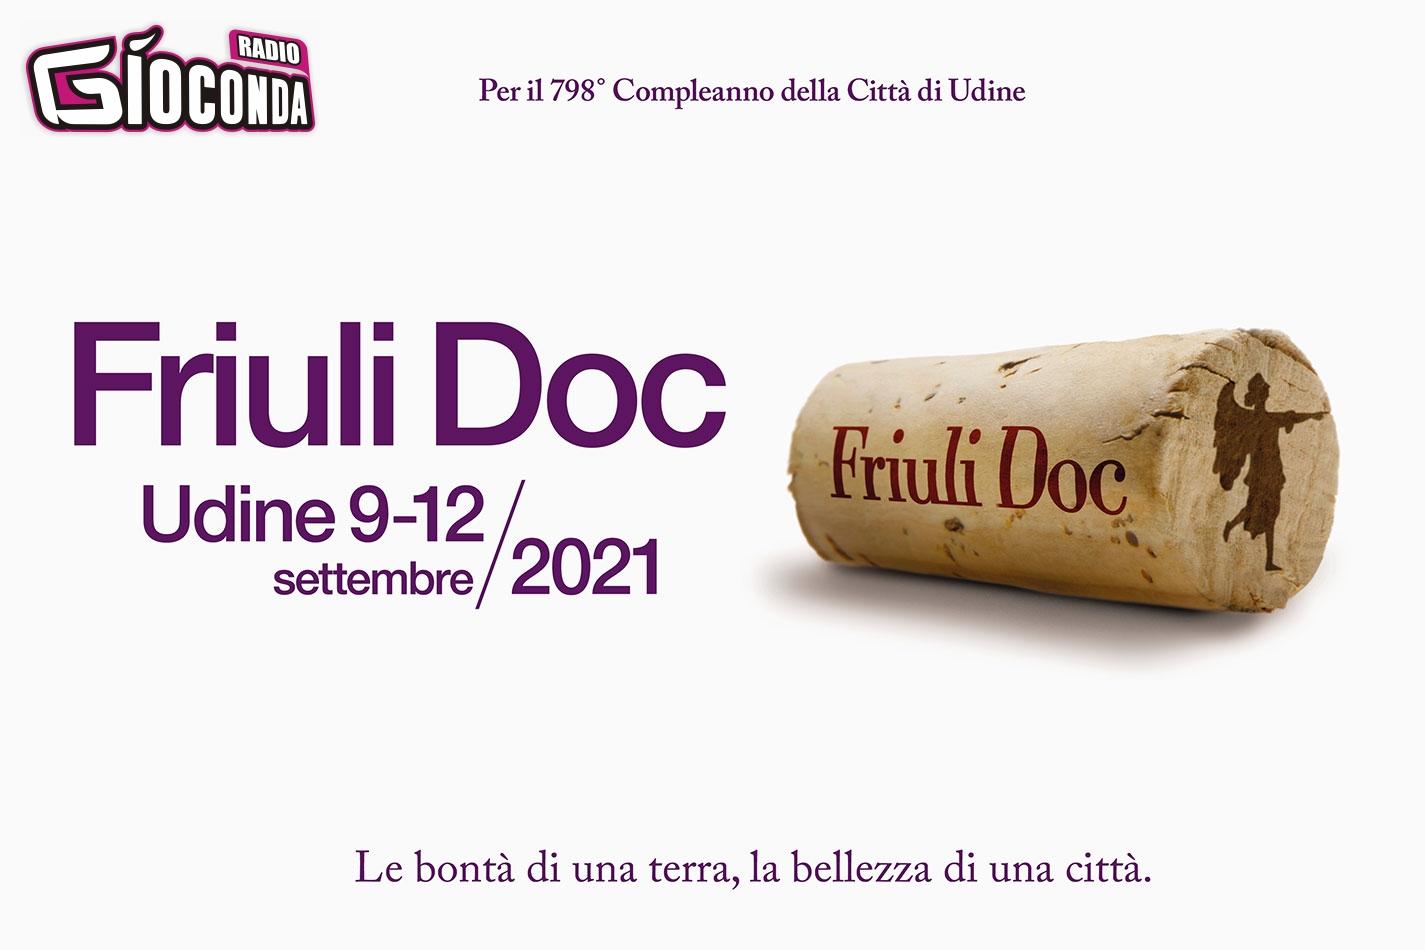 Friuli Doc 2021 con Radio Gioconda